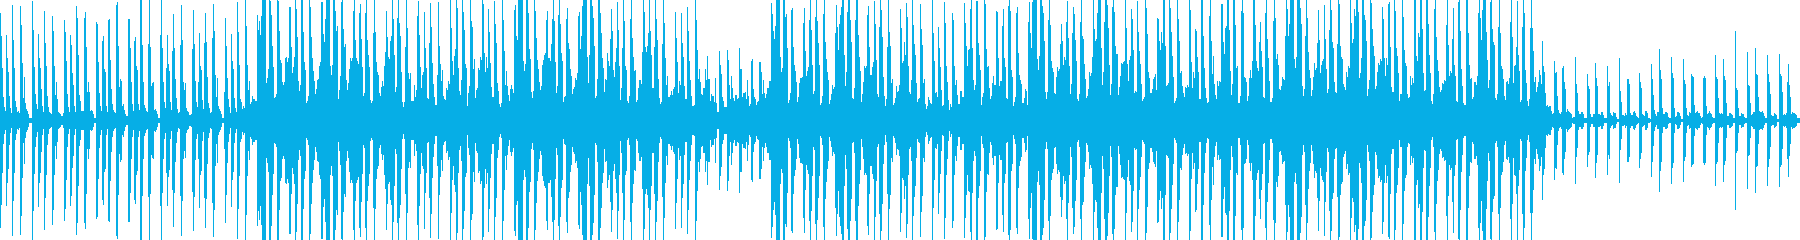 ティーン ポップ テクノ 可愛い ...の再生済みの波形